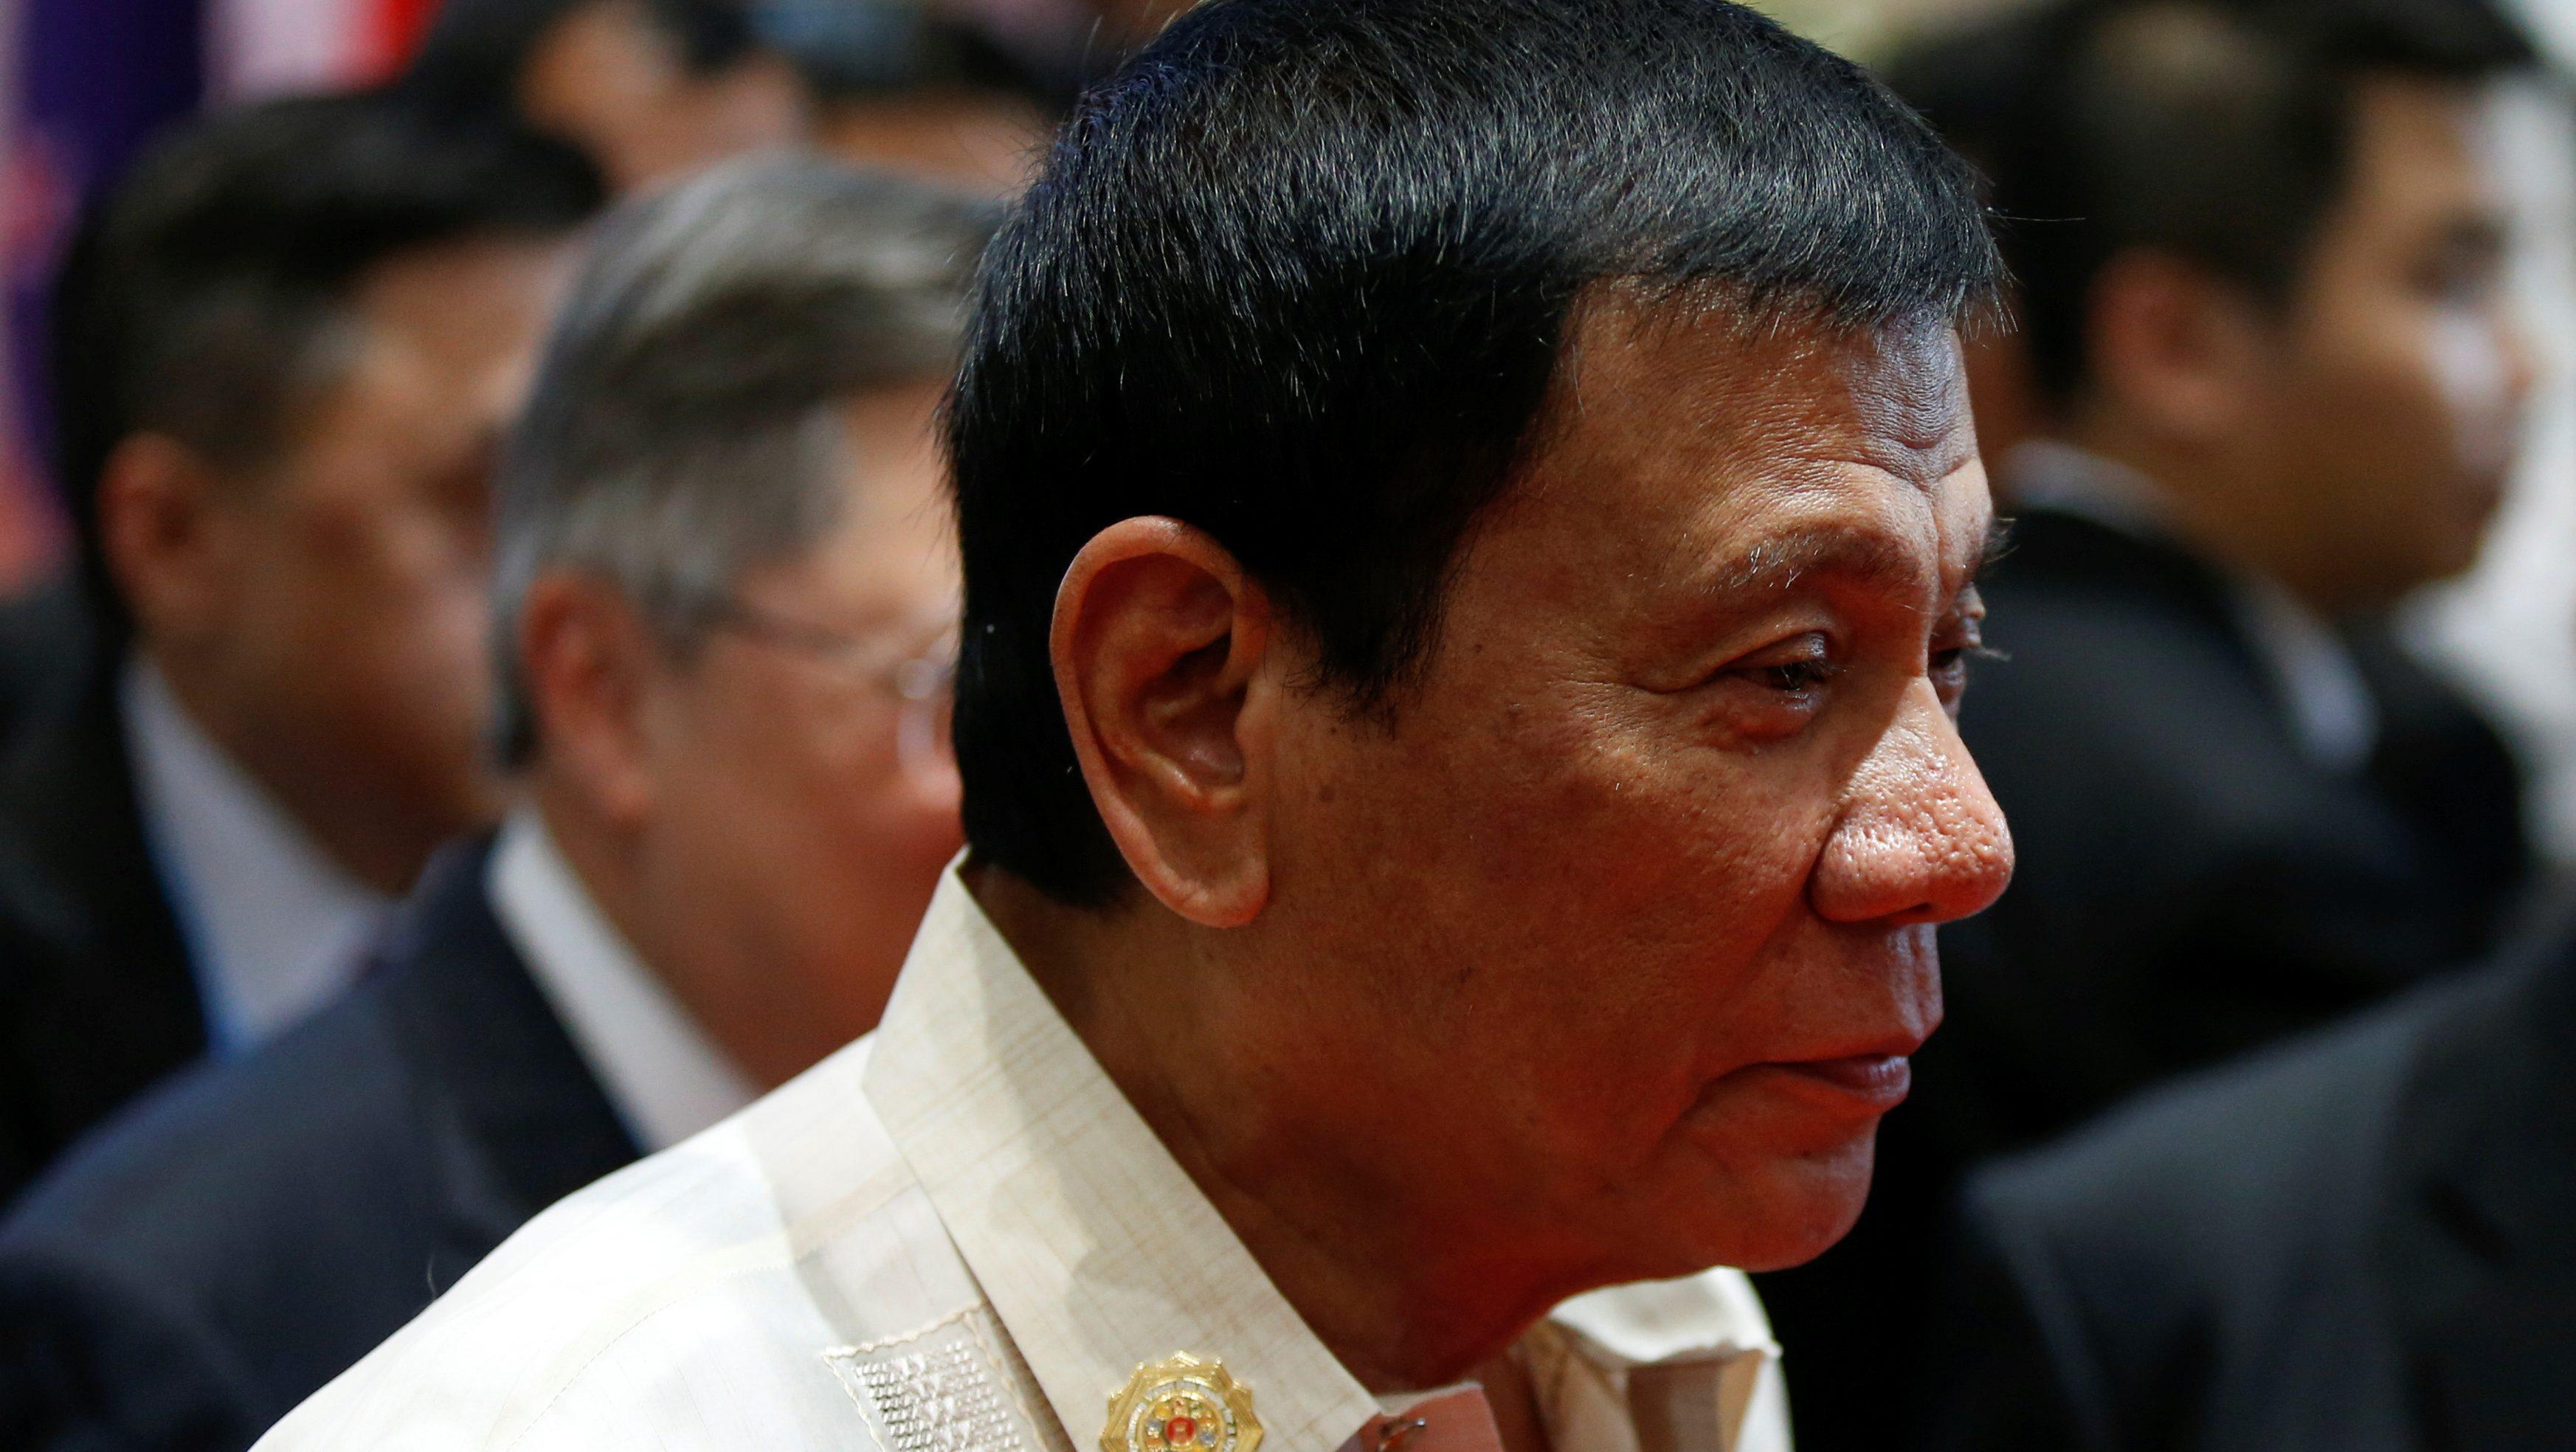 Philippines' president Duterte